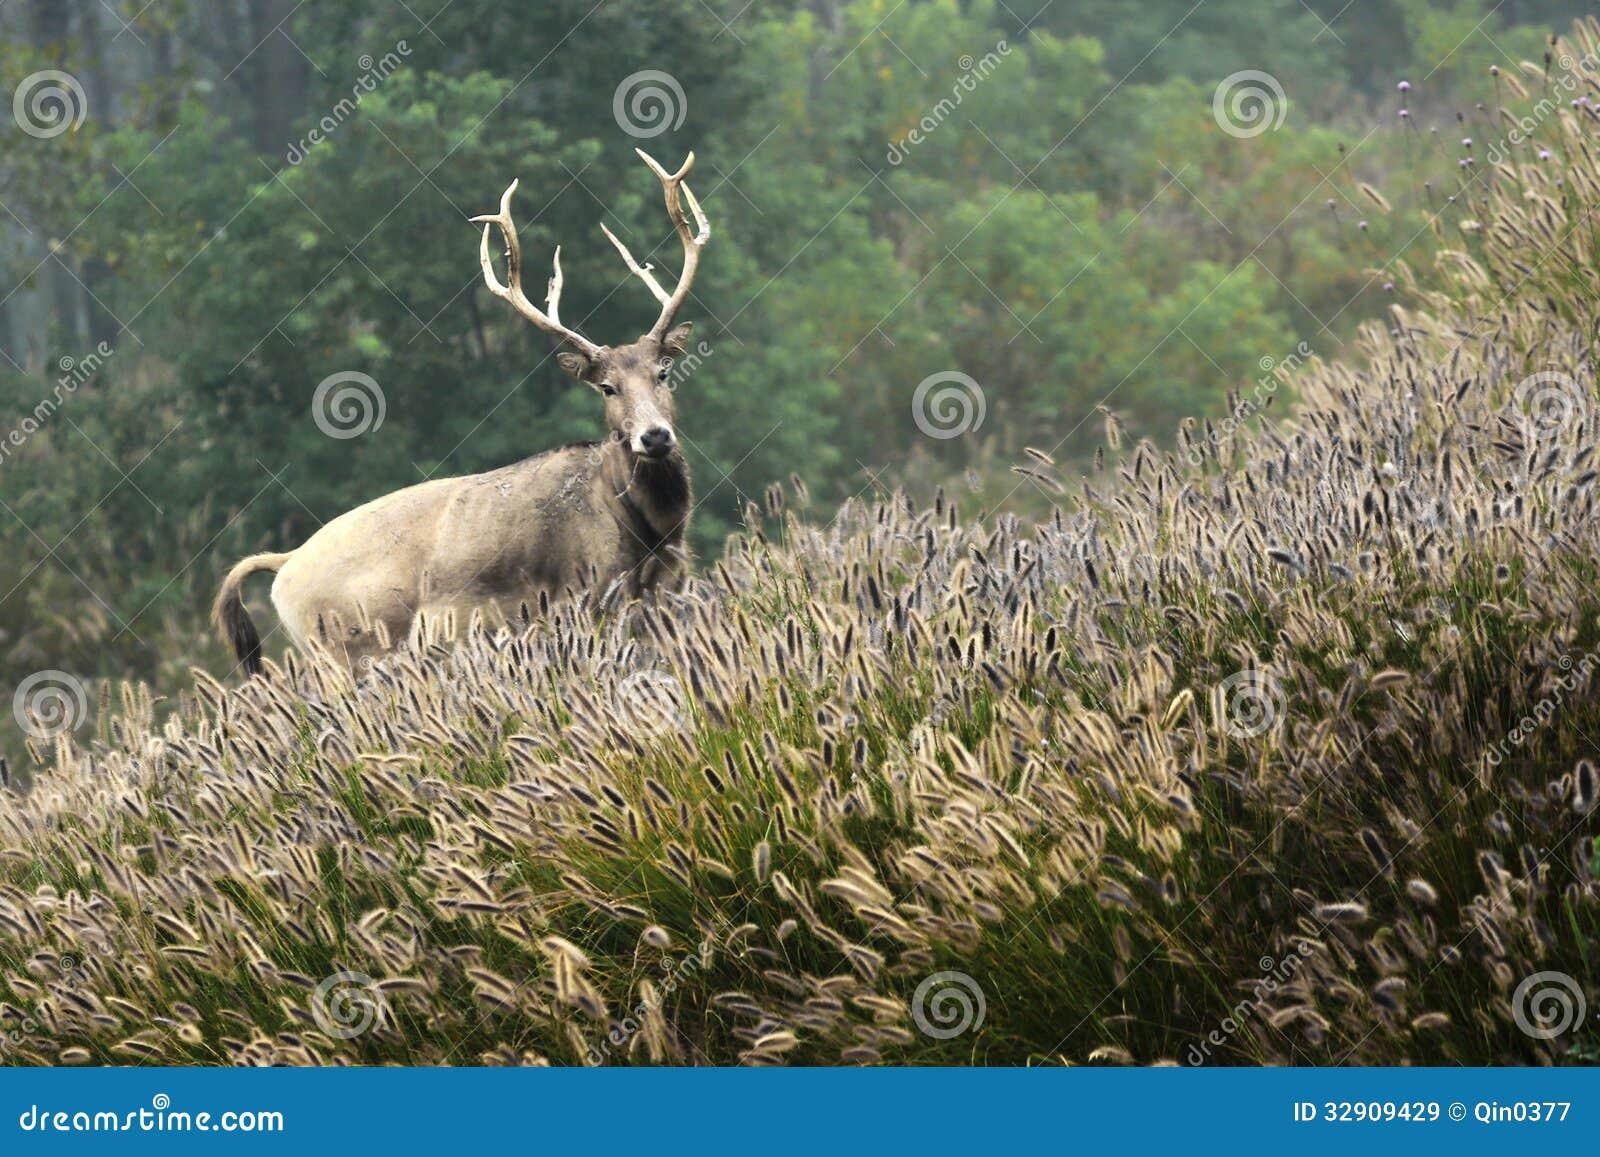 Elk (scientific name: Elaphurus davidianus)